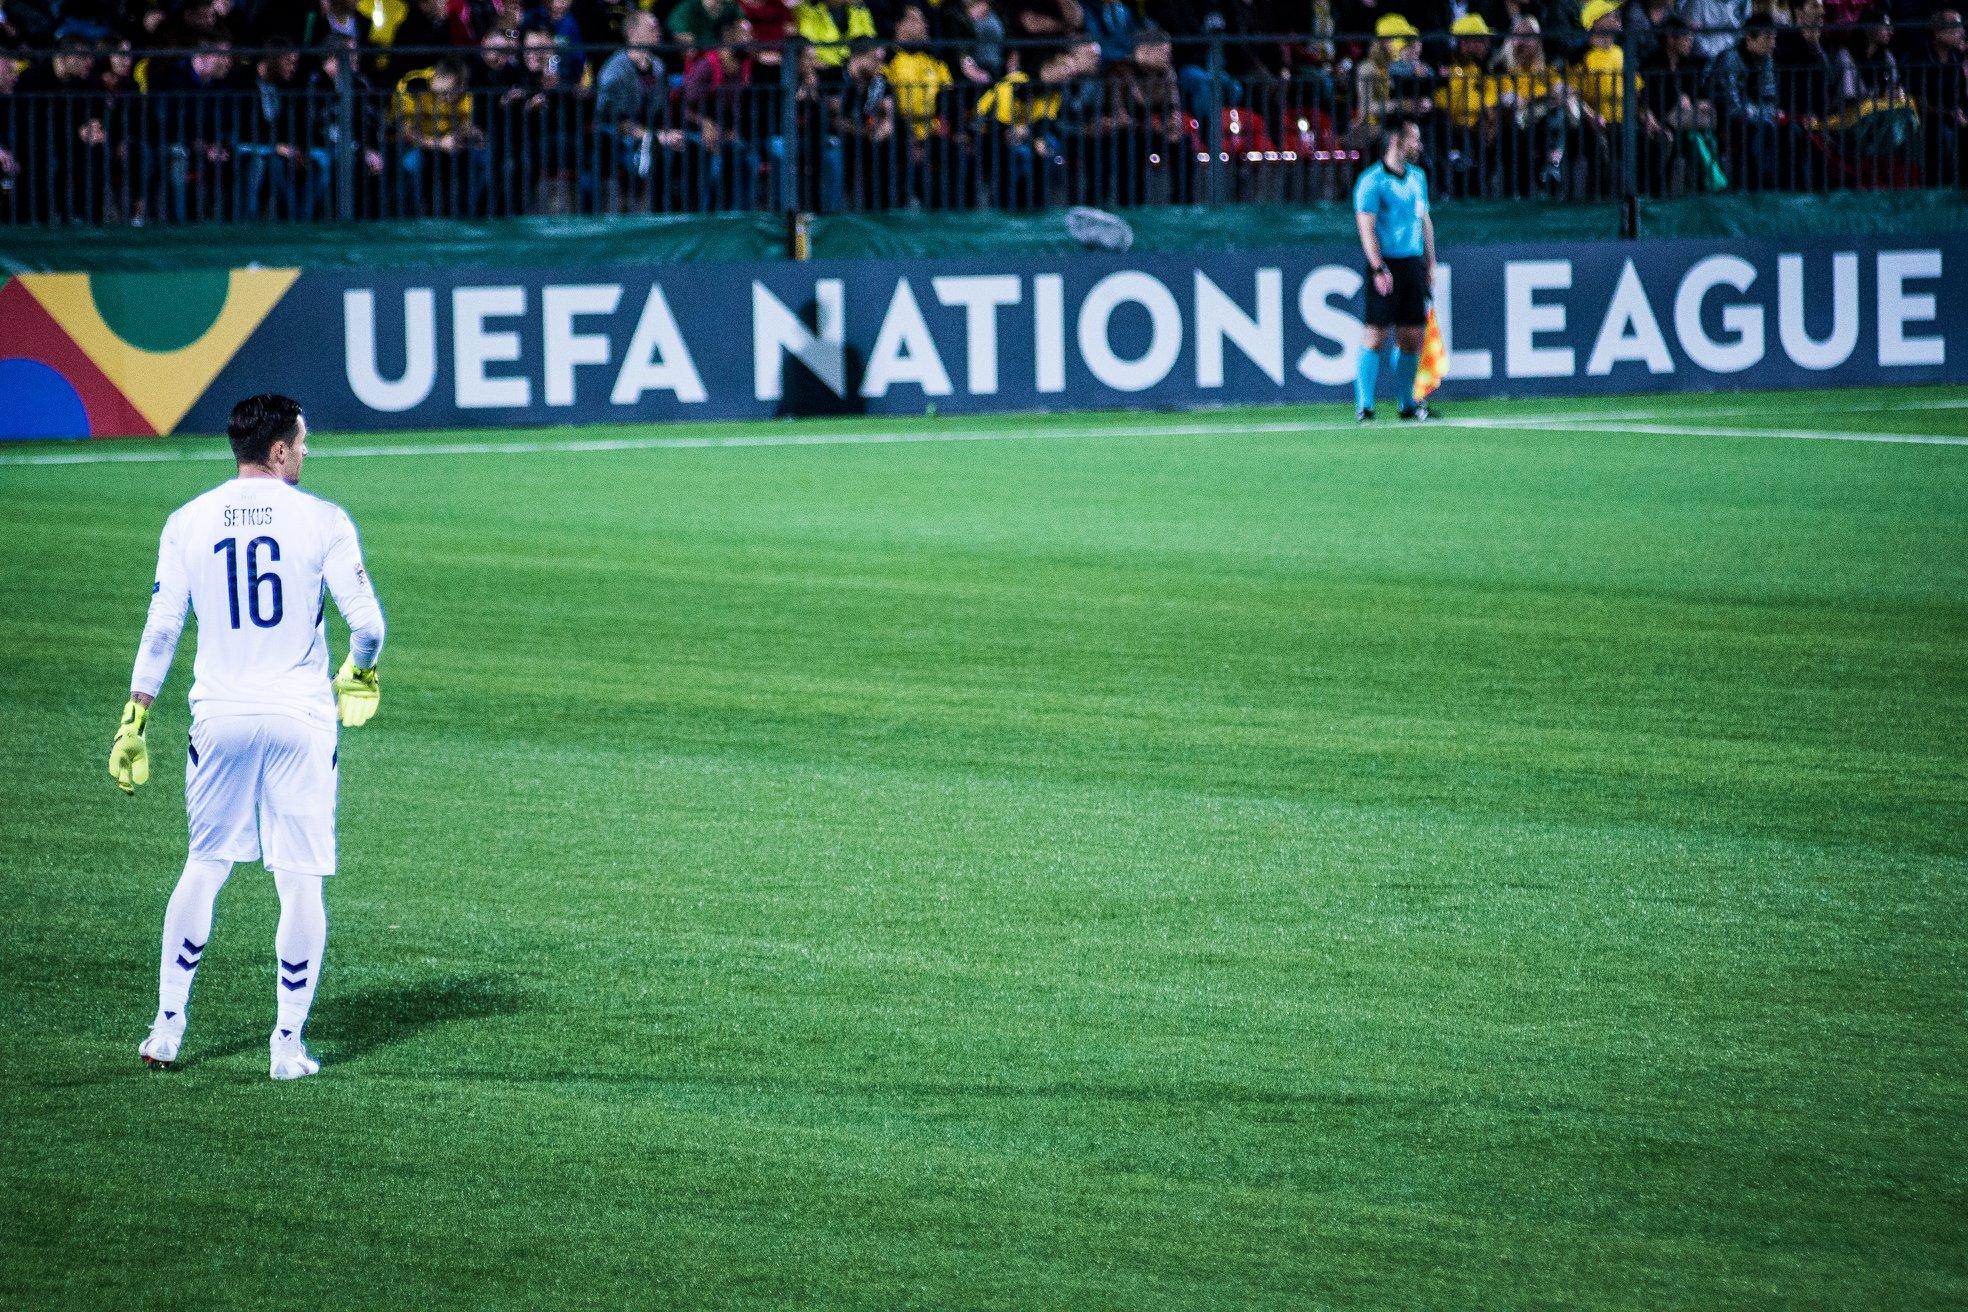 2019 09 07 Futbolas: LIETUVA - SERBIJA 0:1